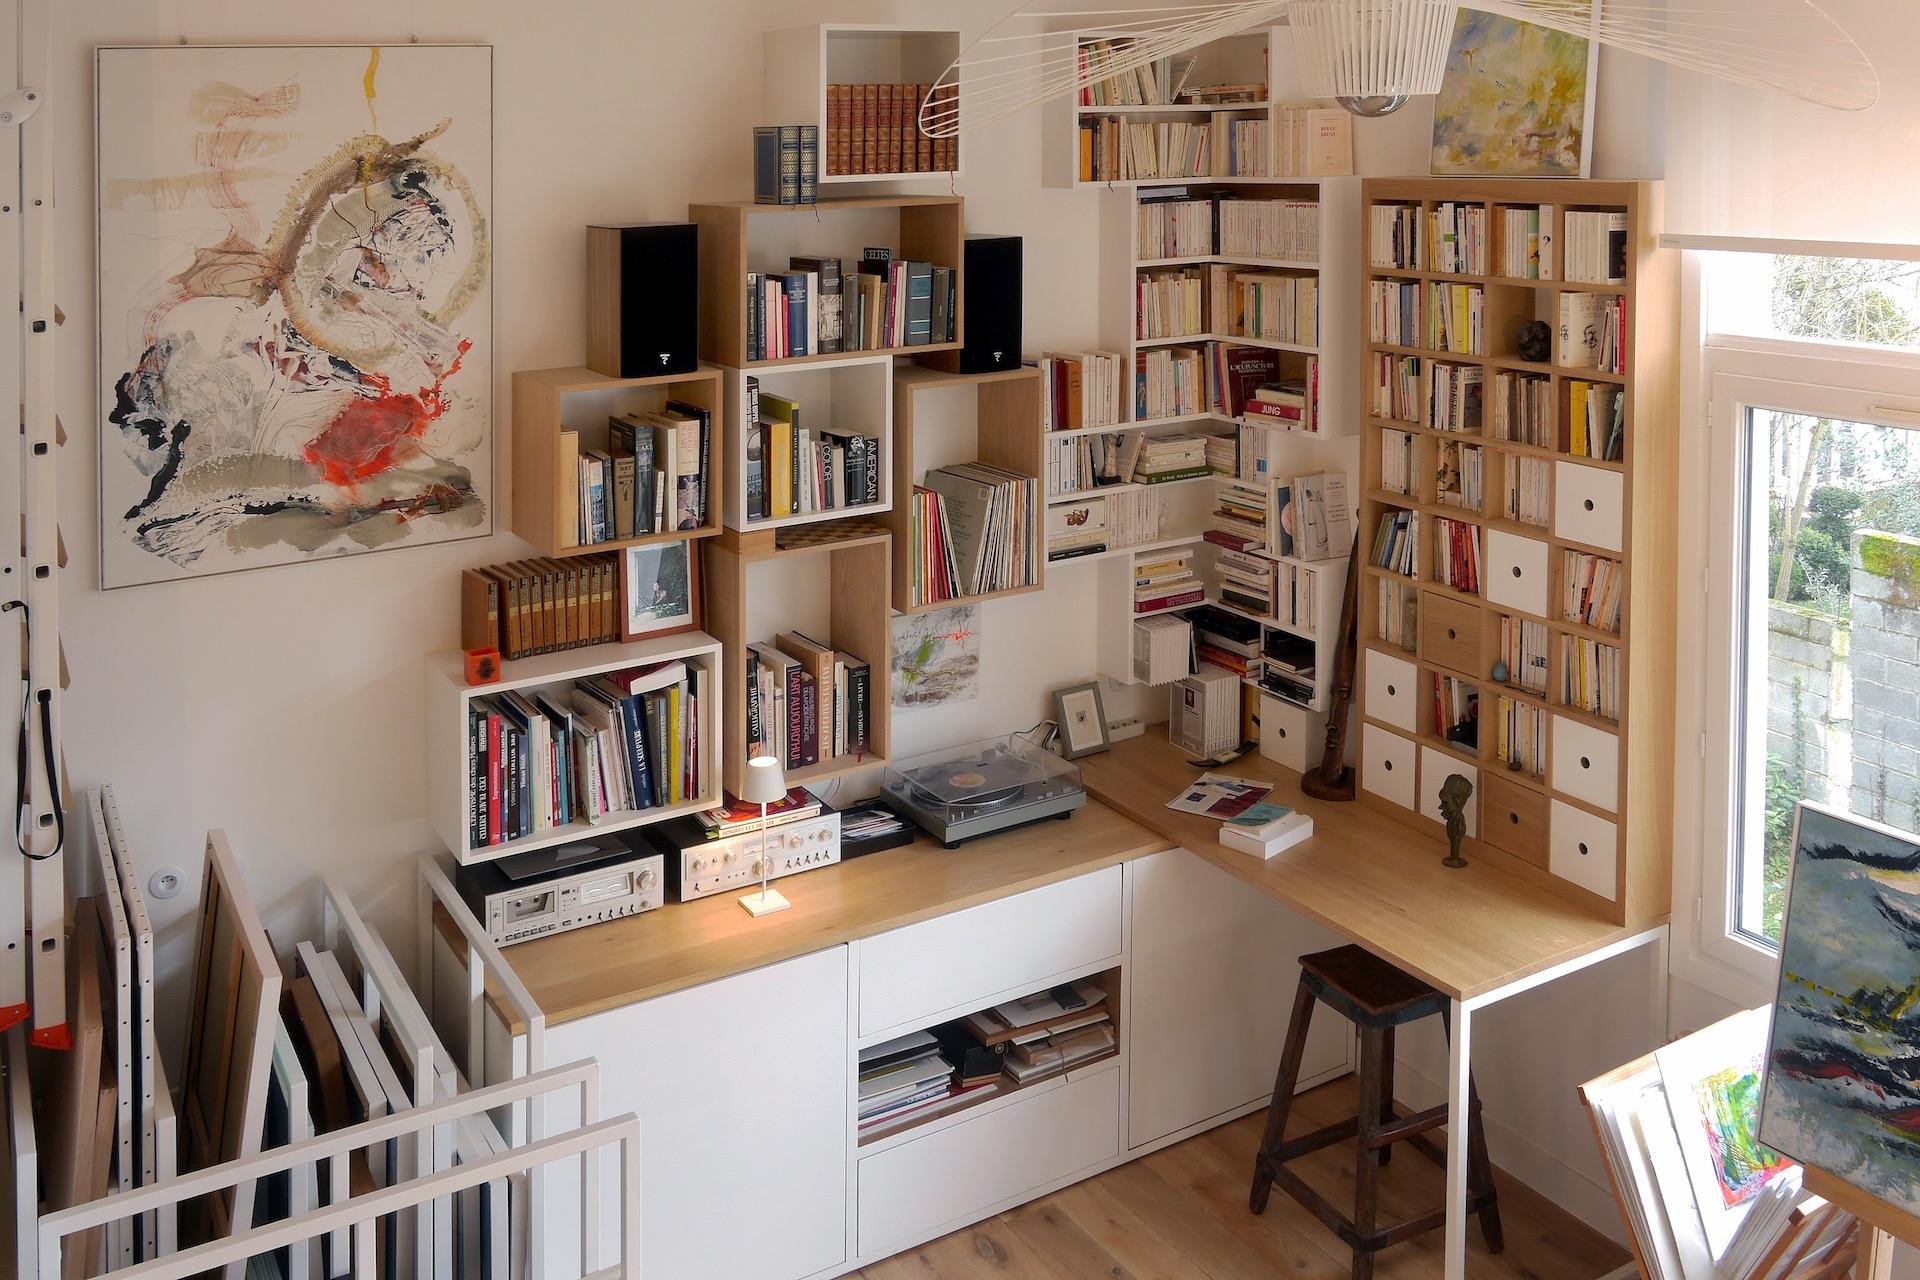 Rénovation Appartement et atelier d'artiste en triplex à Honfleur - vue sur la bibliothèque et l'atelier depuis l'espace de vie © francois louchet, par CREA DECO, Décoratrice UFDI à Honfleur, Deauville, Caen - 14